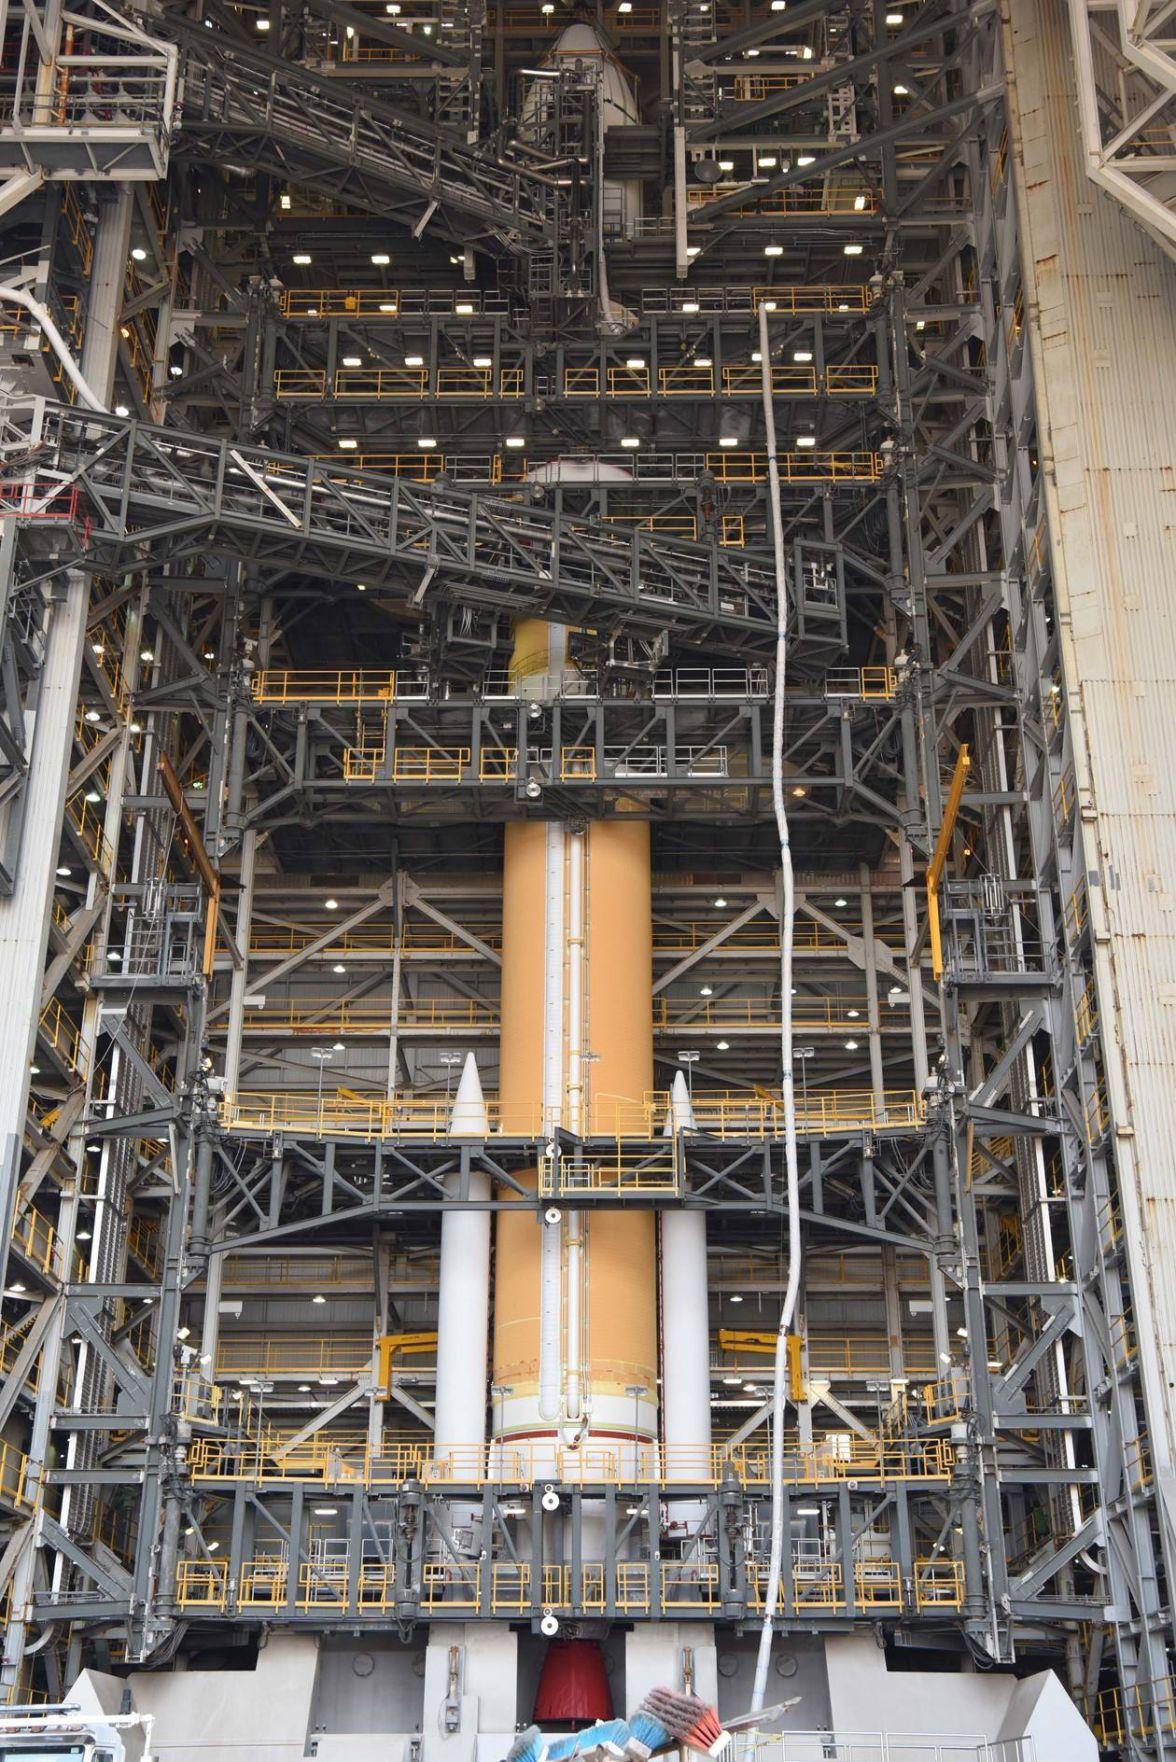 Atlas IV NROL-47